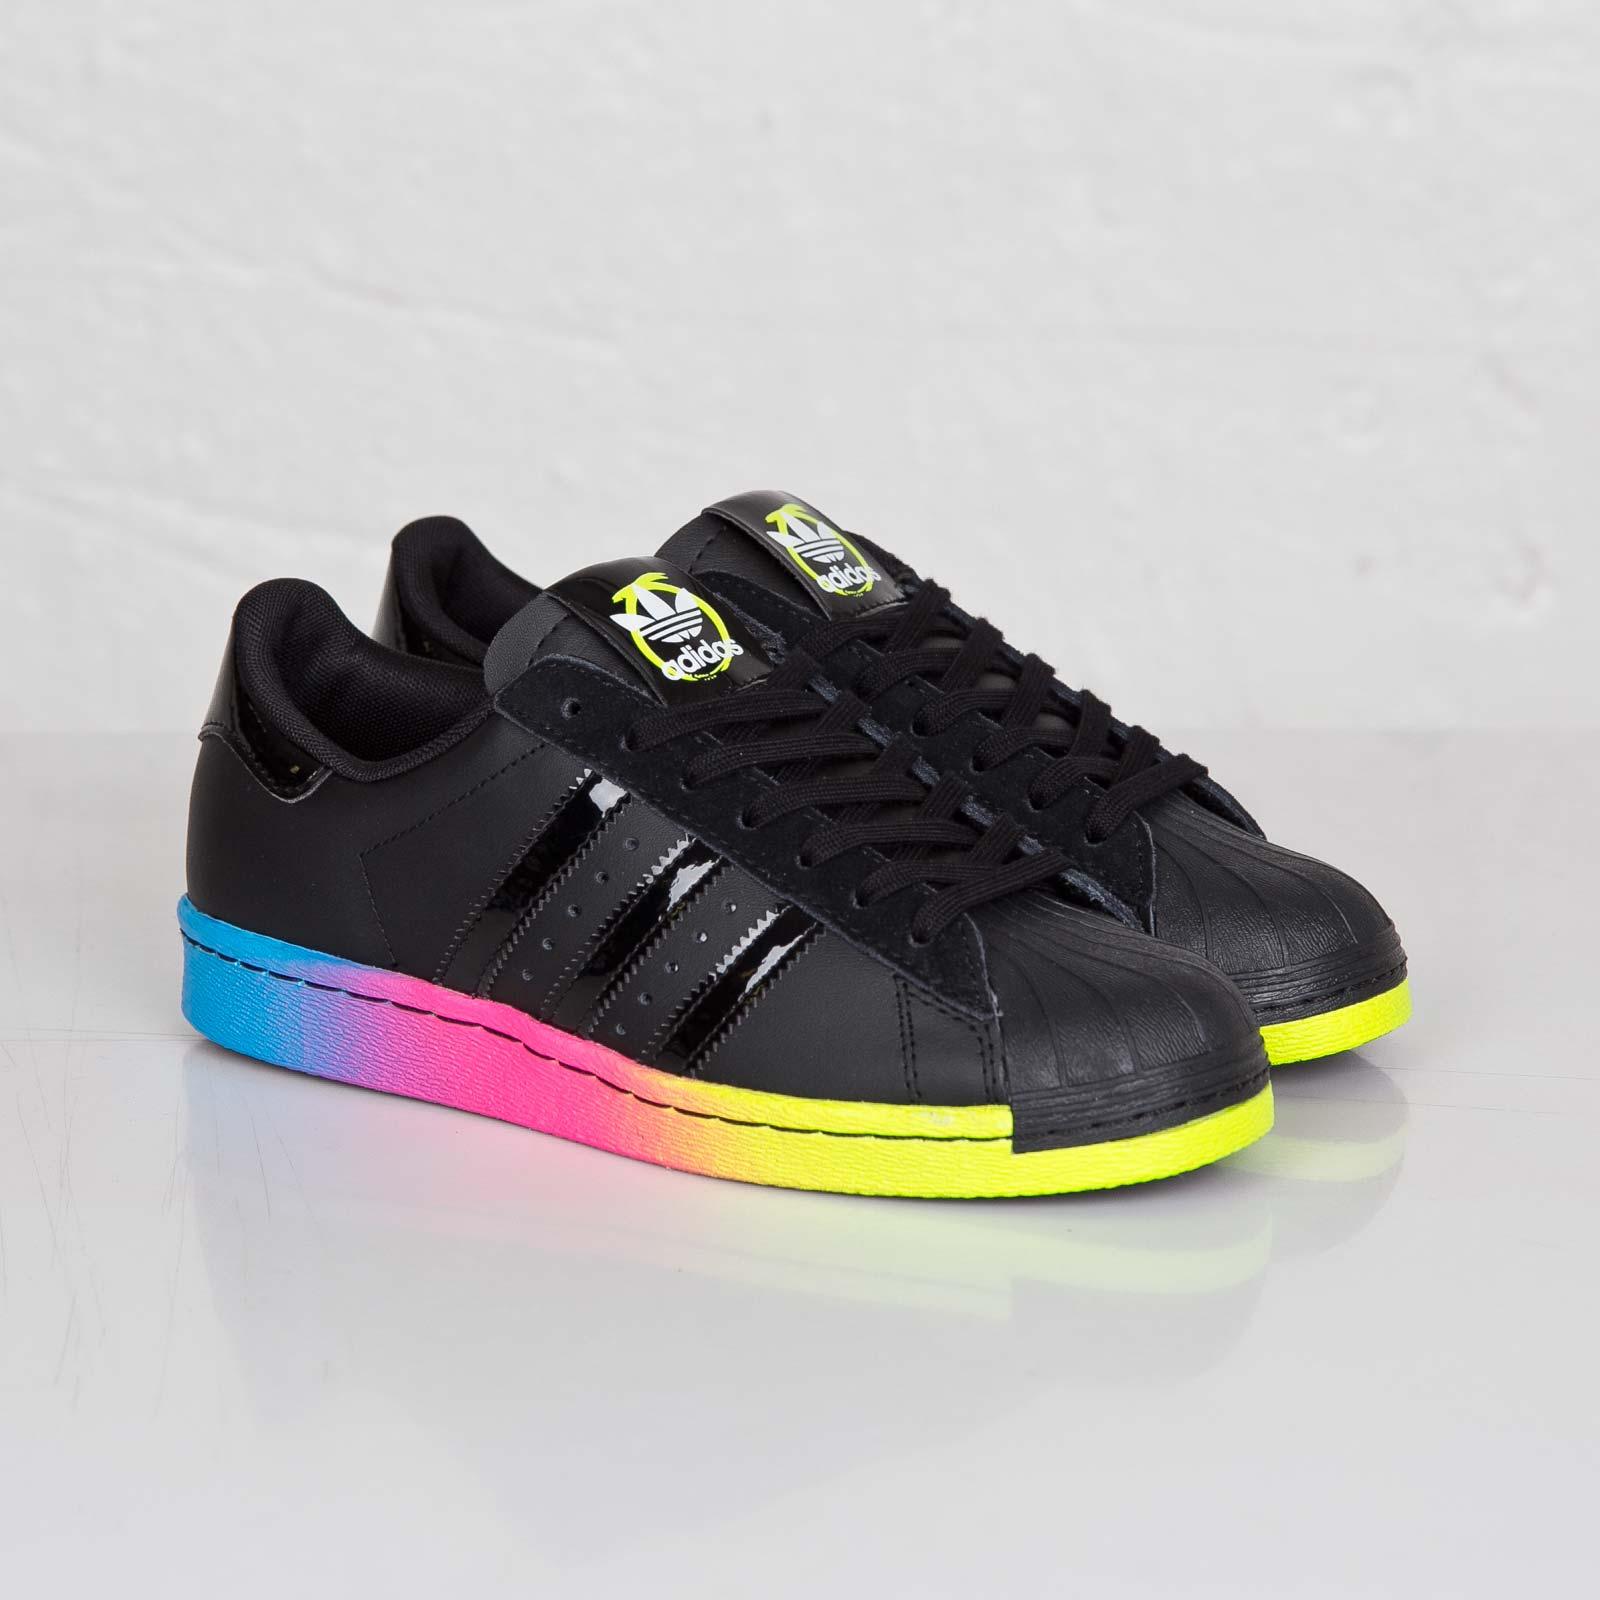 adidas Superstar 80s W - M19070